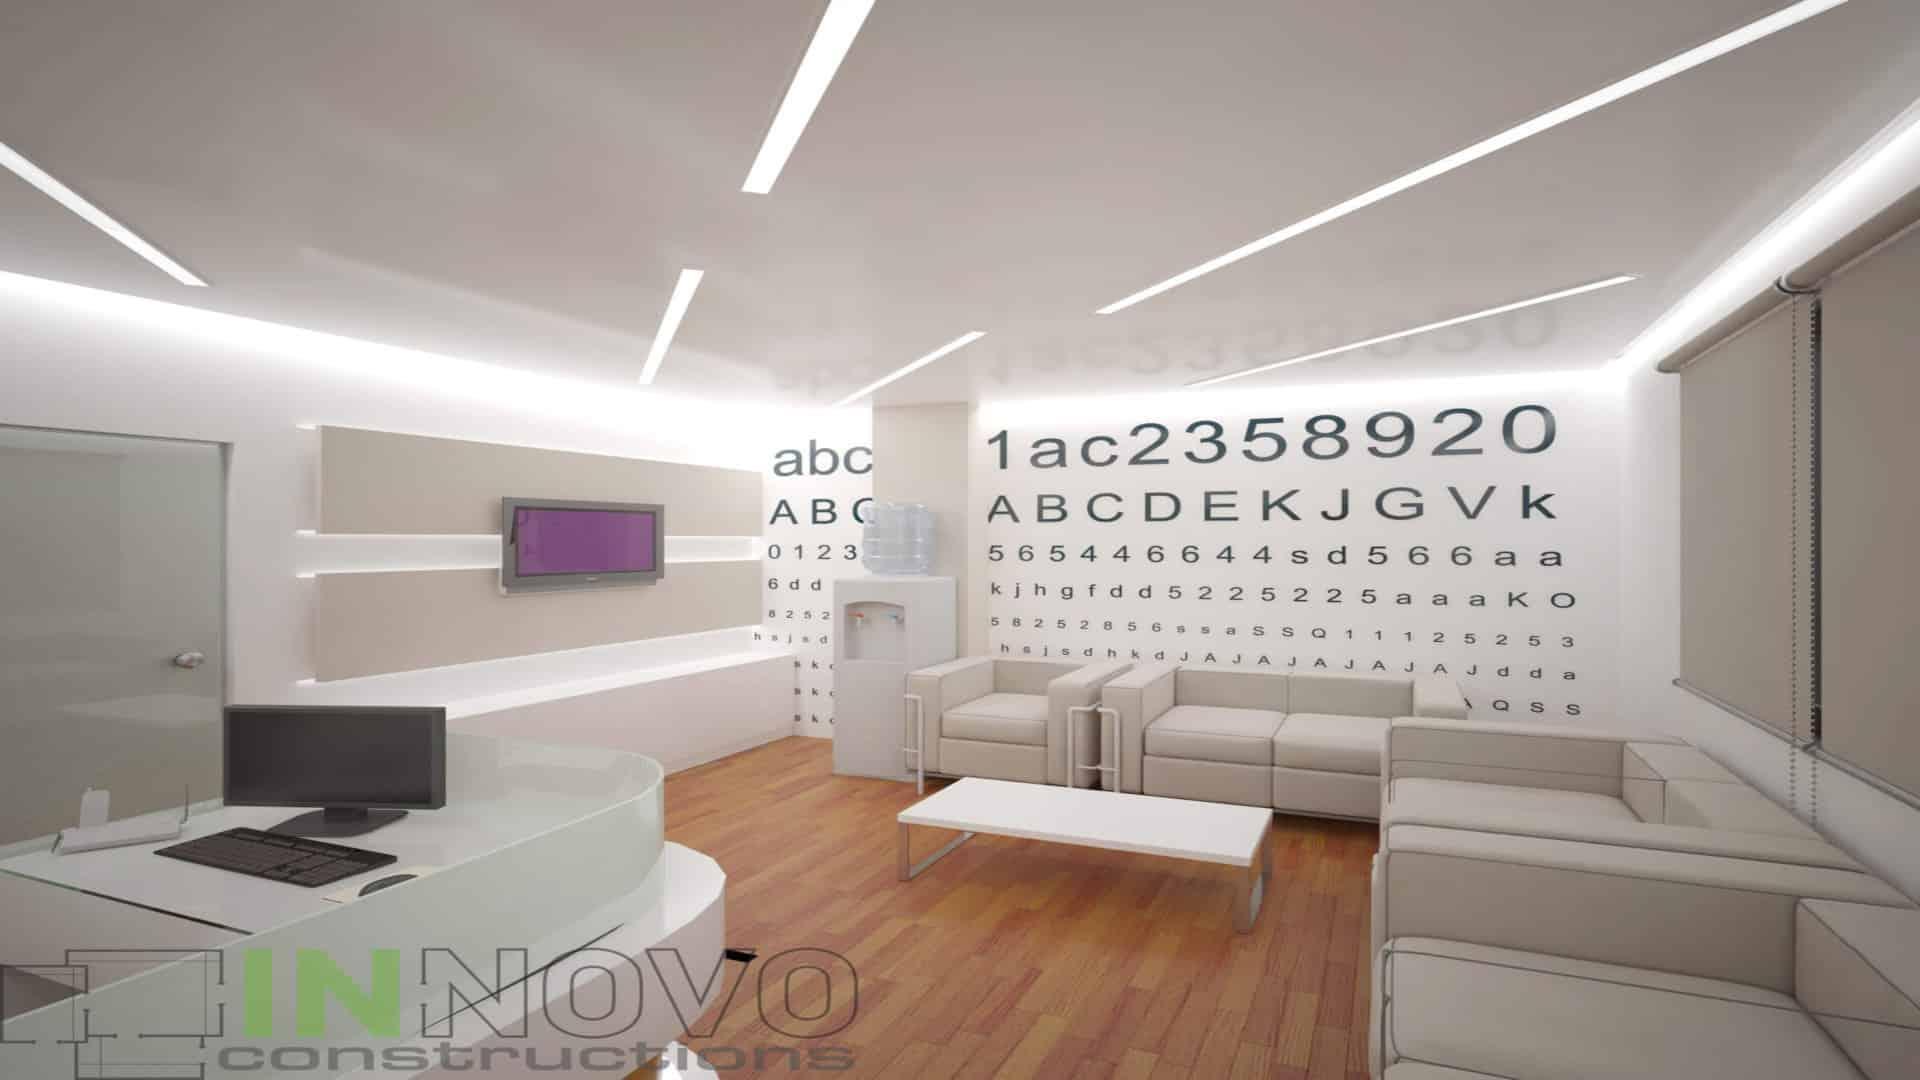 Μελέτη κατασκευής οφθαλμιατρείου στην Αργυρούπολη